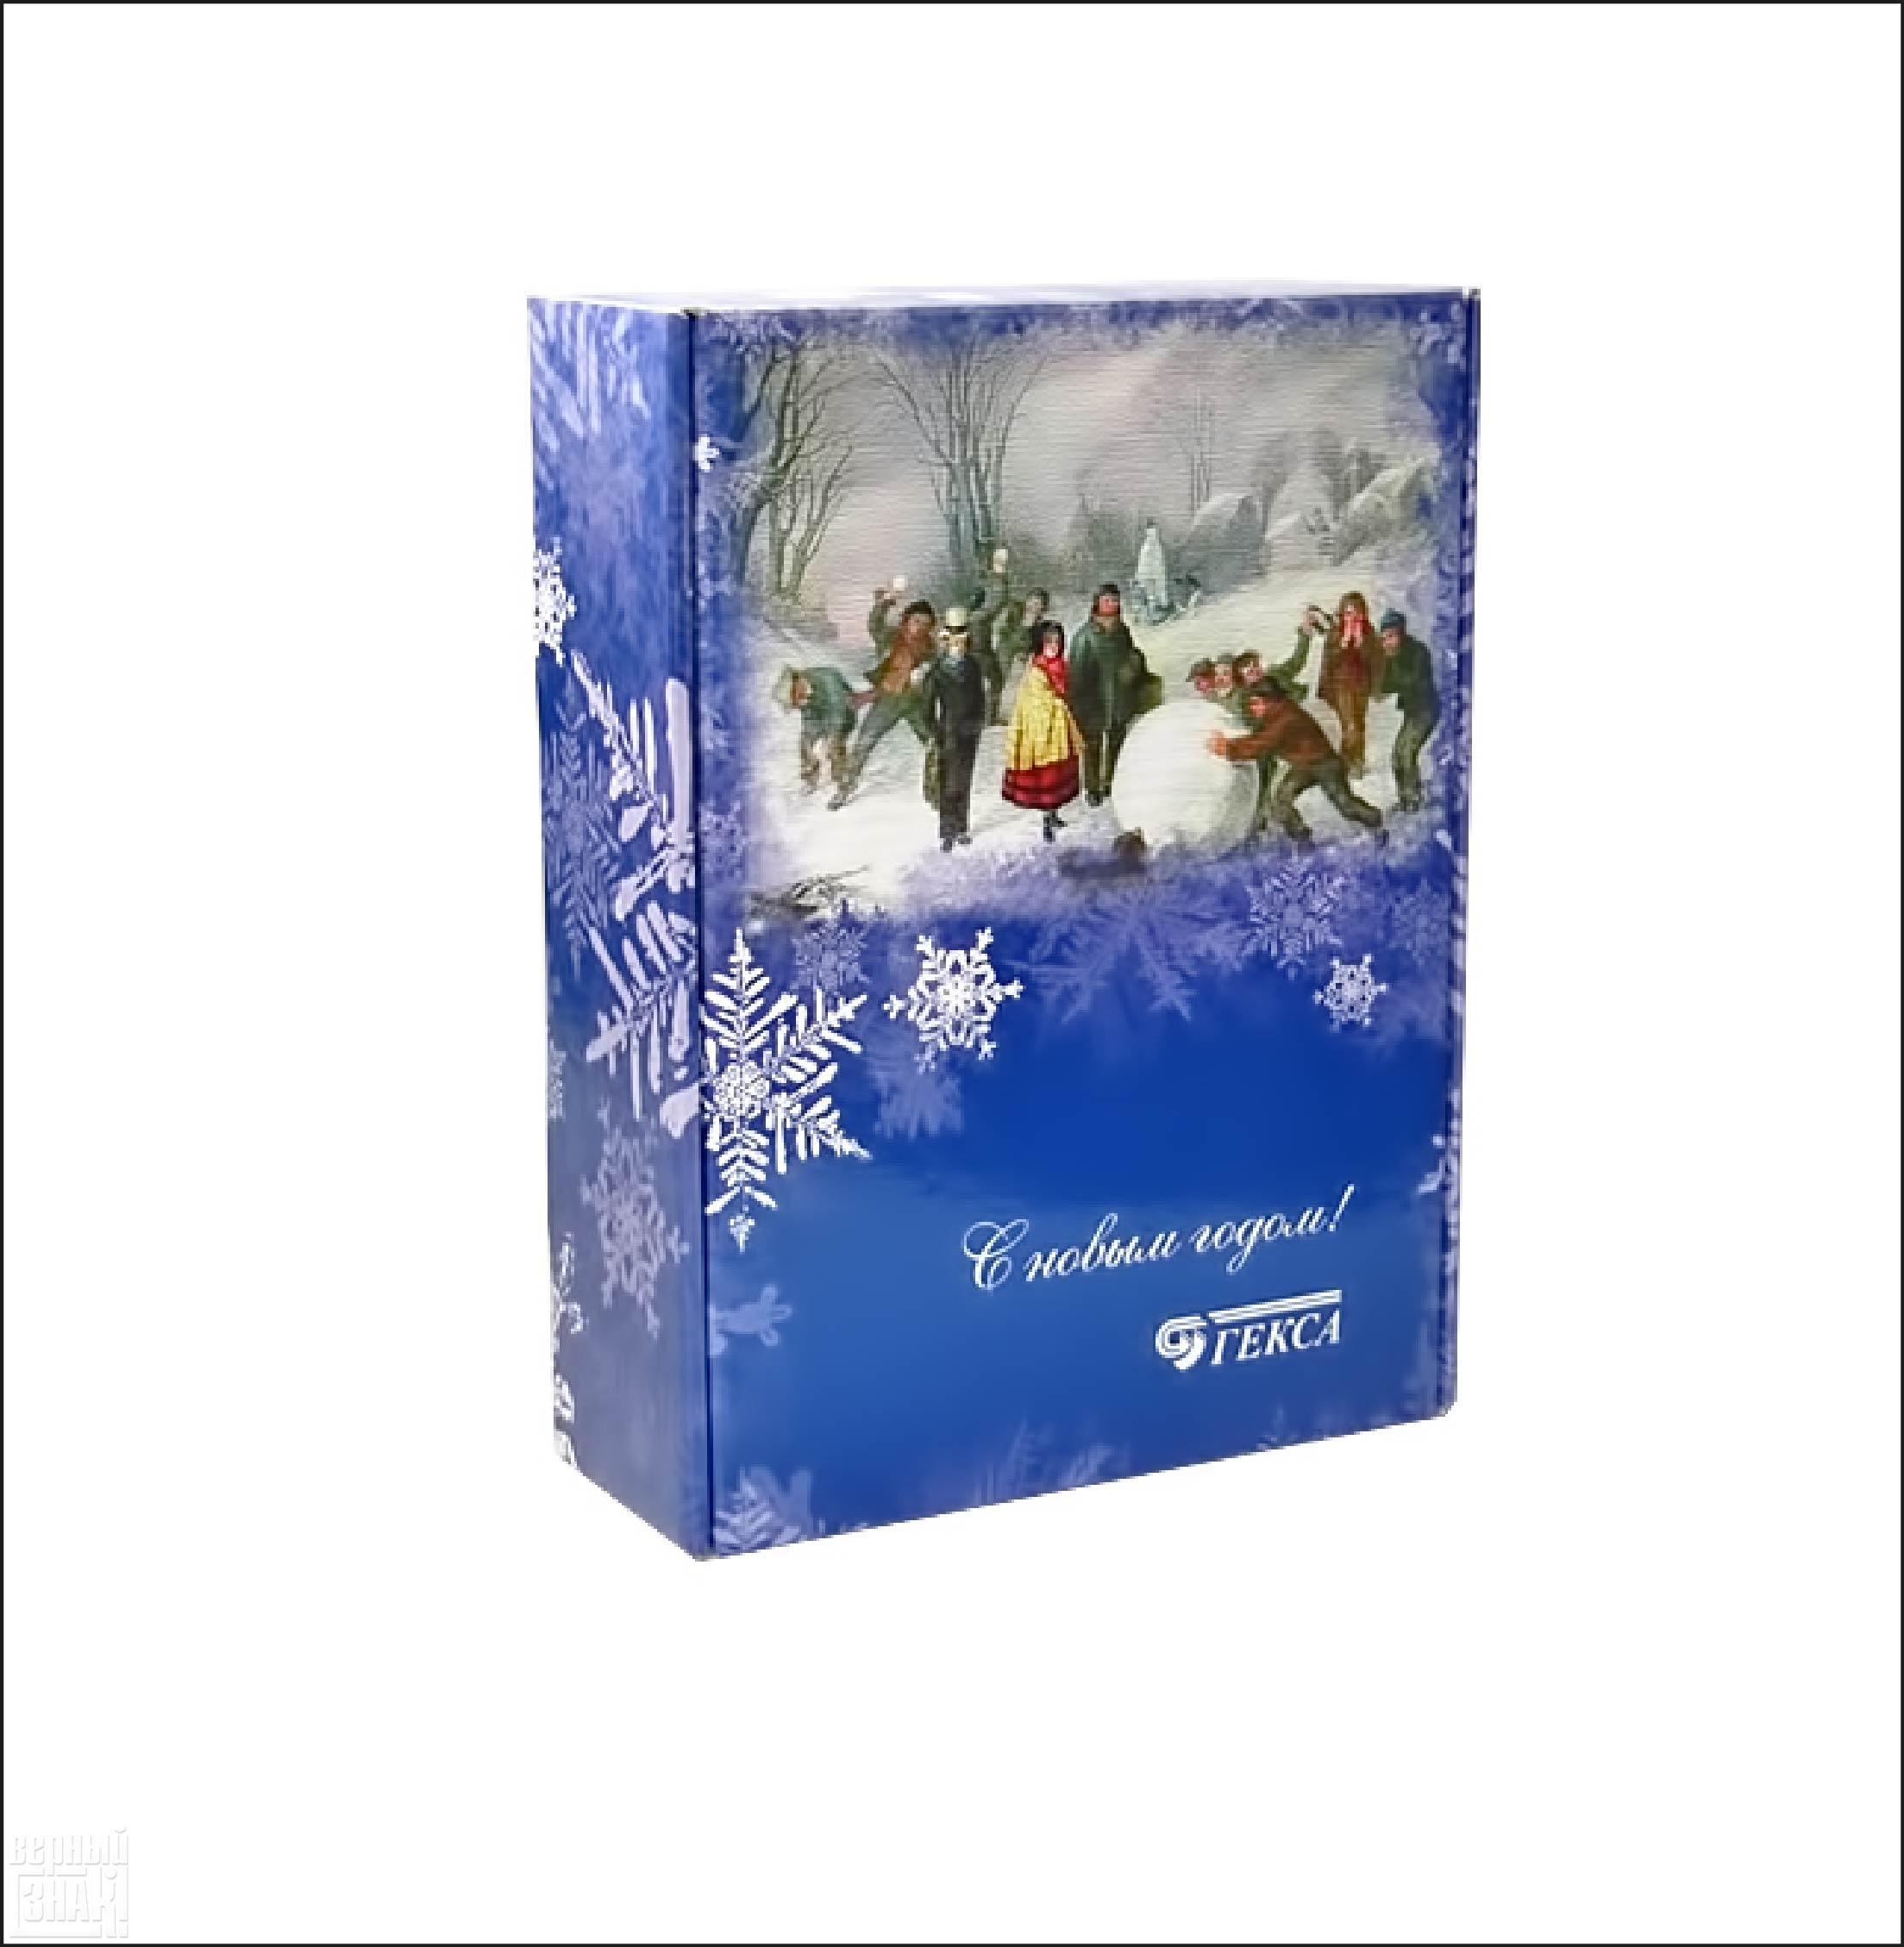 Подарочная упаковка «Гекса»